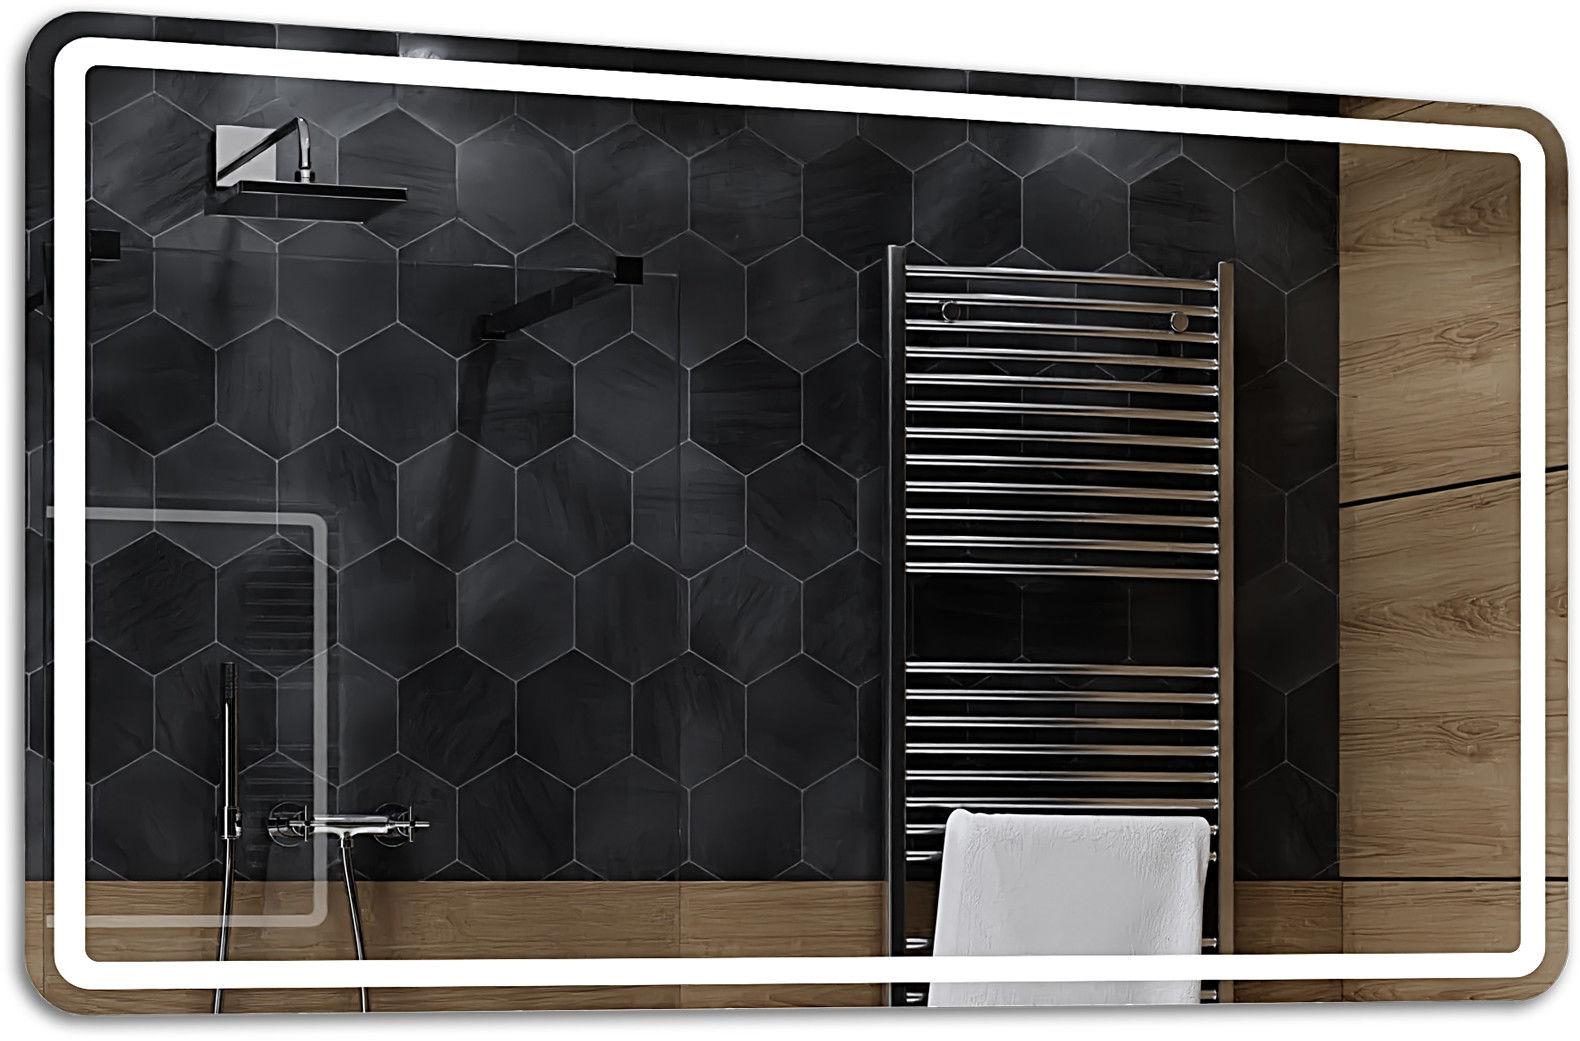 Alasta Lustro Łazienkowe z Podświetleniem LED - rozmiar 80x60cm - zimny kolor LED - Model Madrit